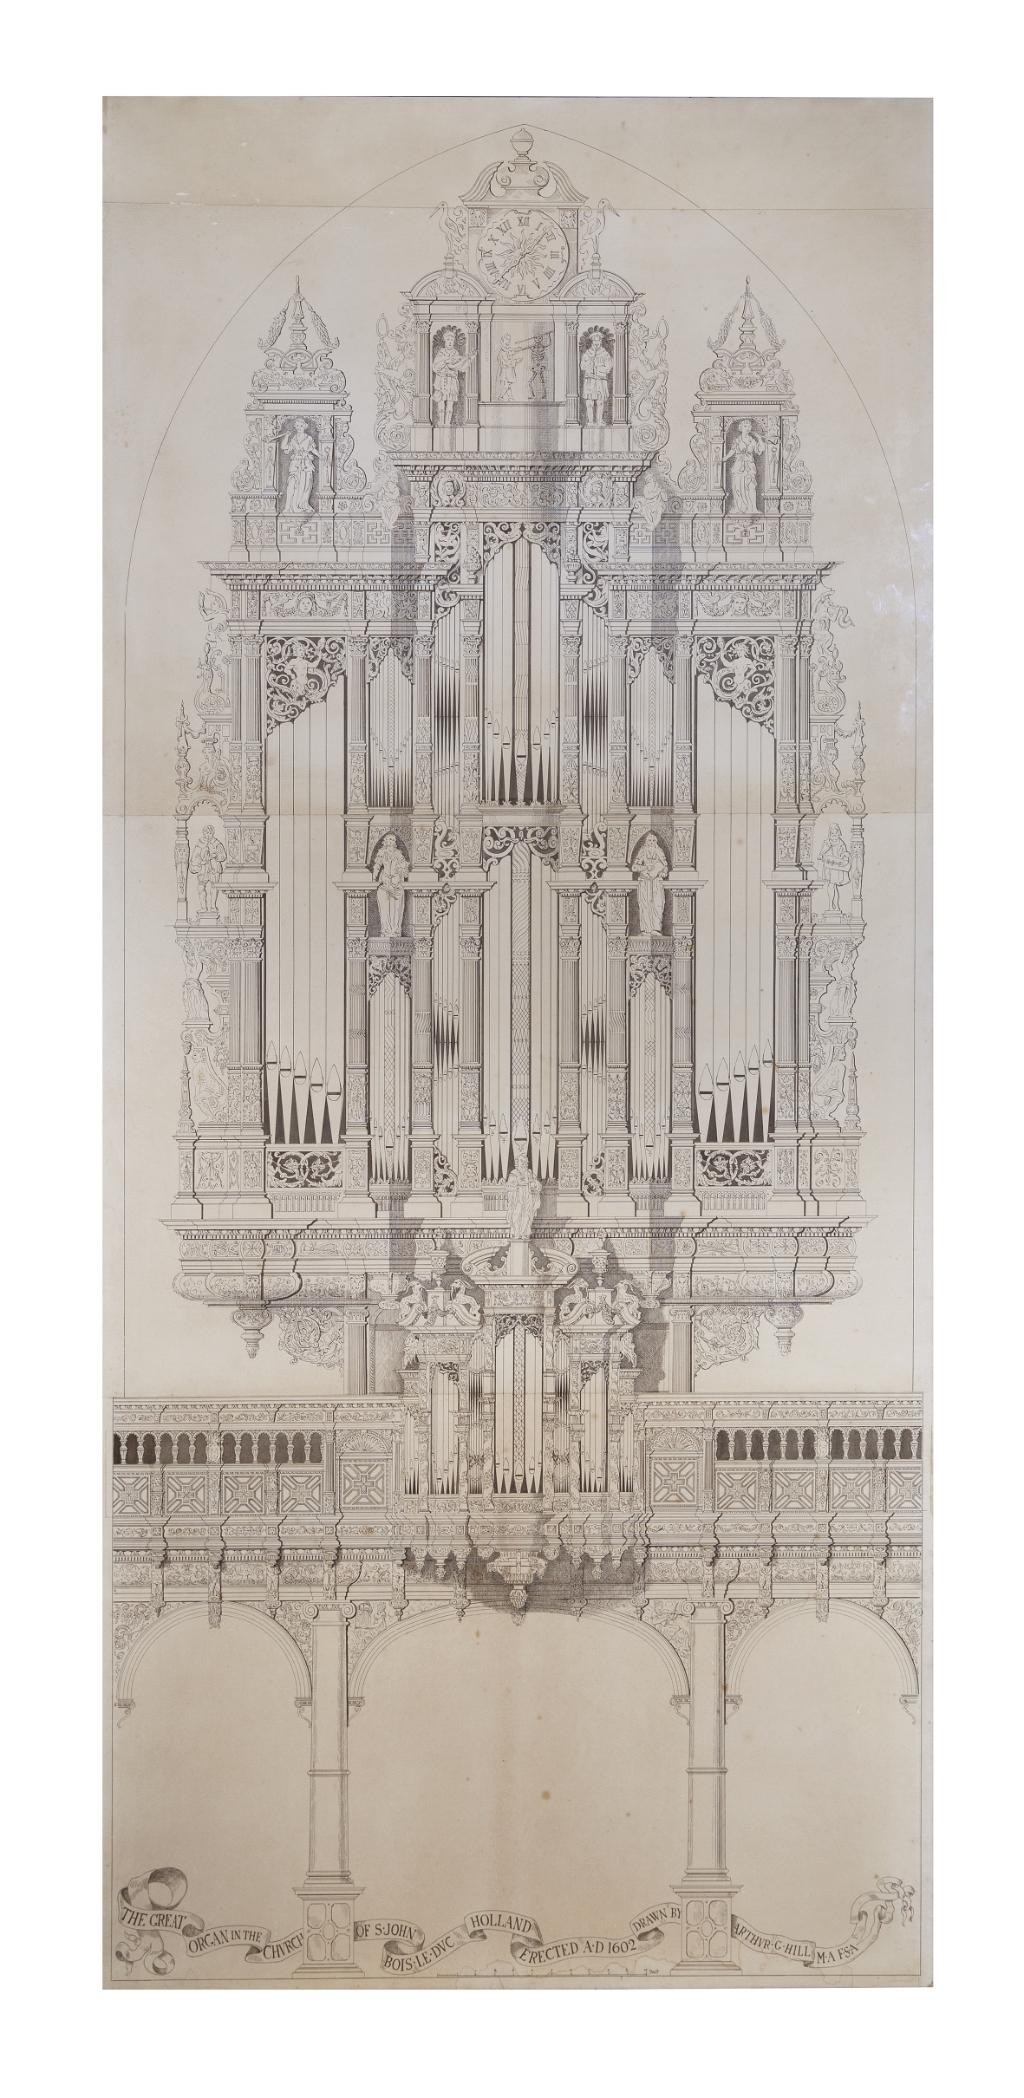 Tekening van het orgel in de Sint-Jan